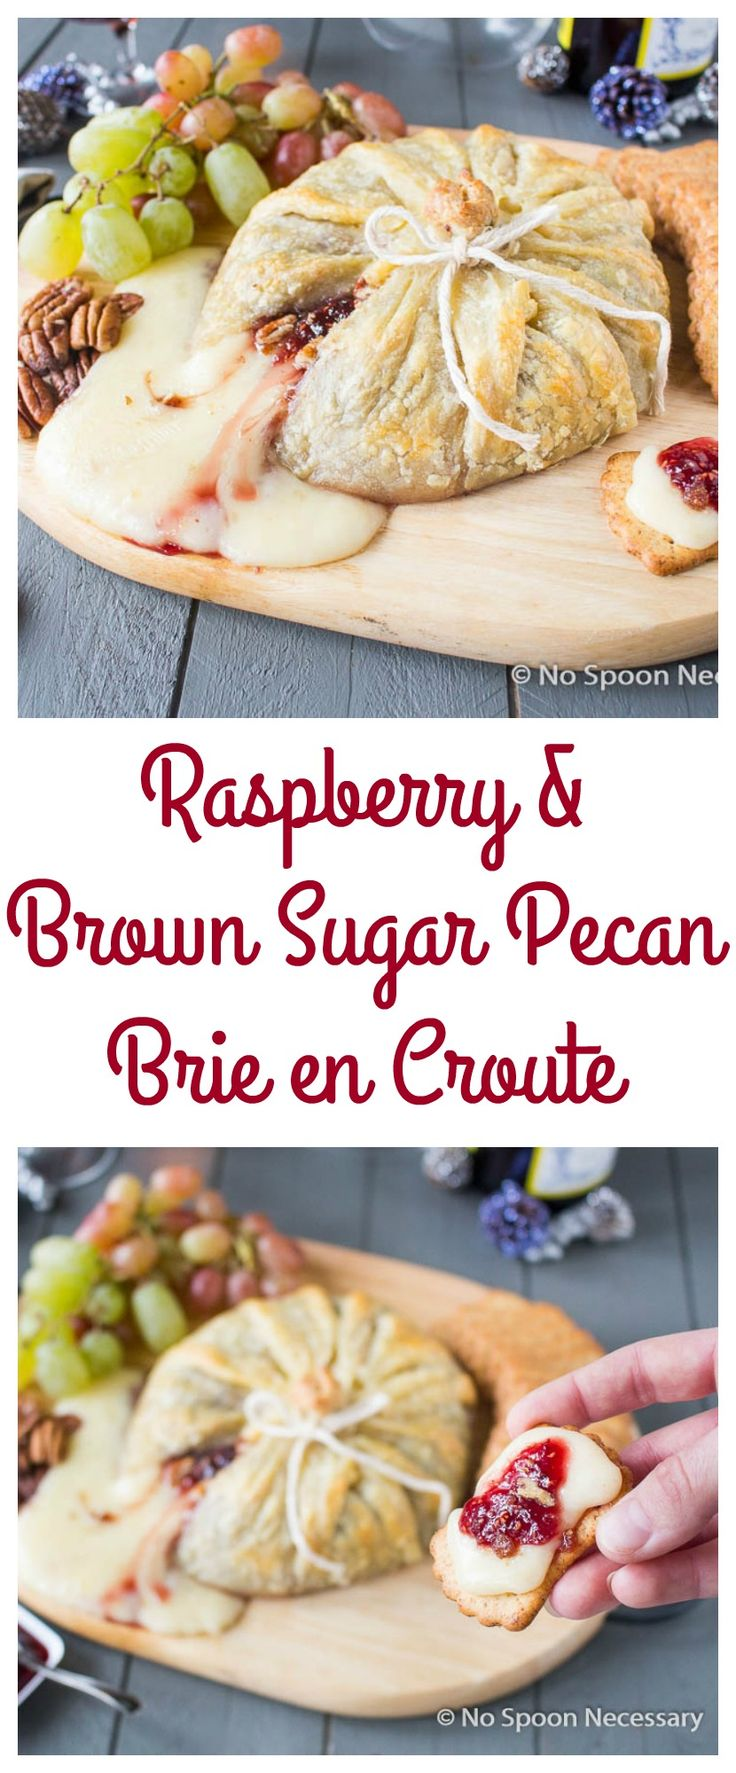 Raspberry & Brown Sugared Pecan Brie en Croute